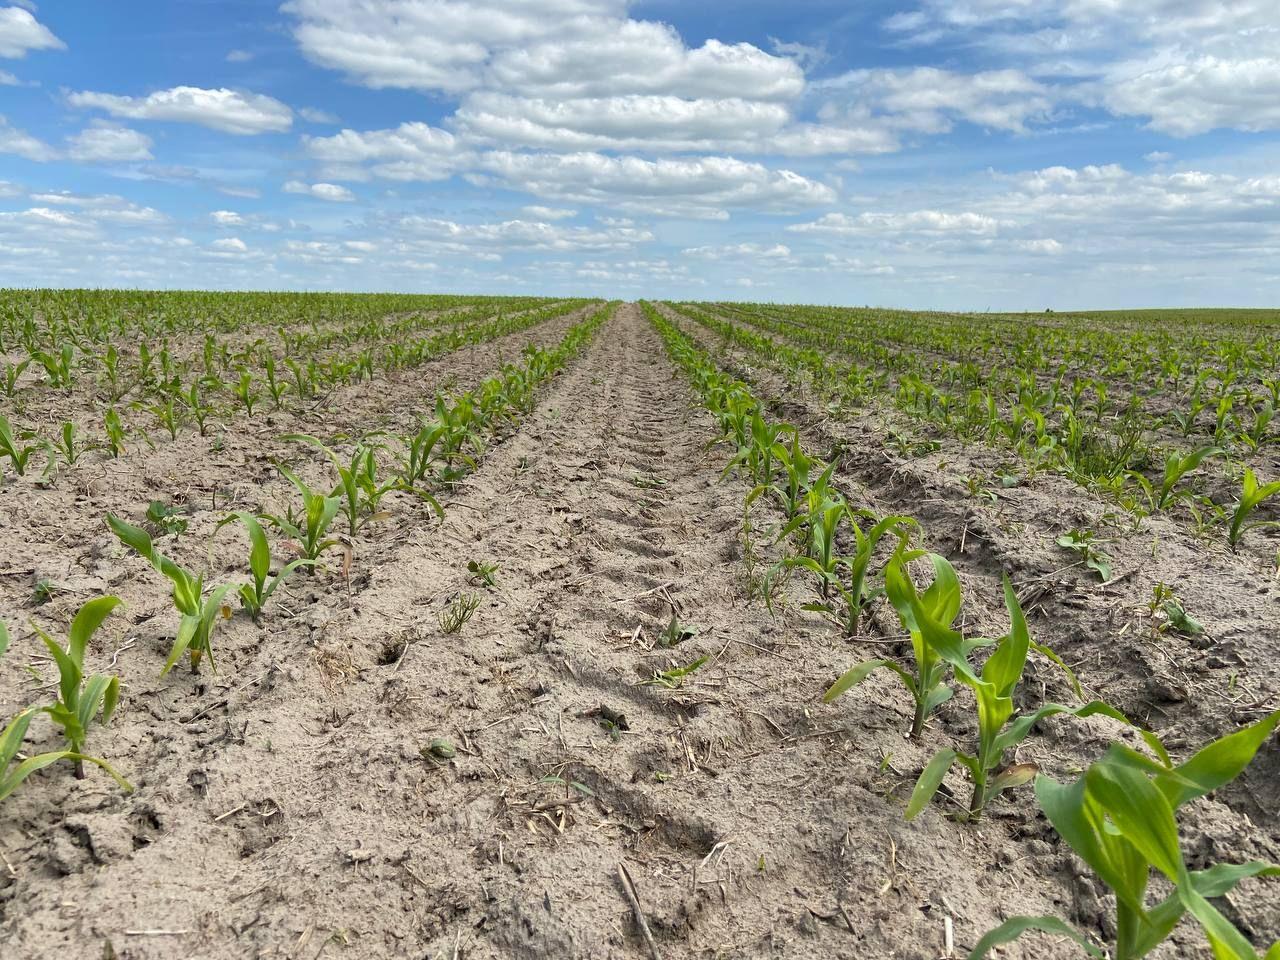 Досвід регіональних платформ Mini Hub для вирощування кукурудзи та соняшника фото 7 LNZ Group